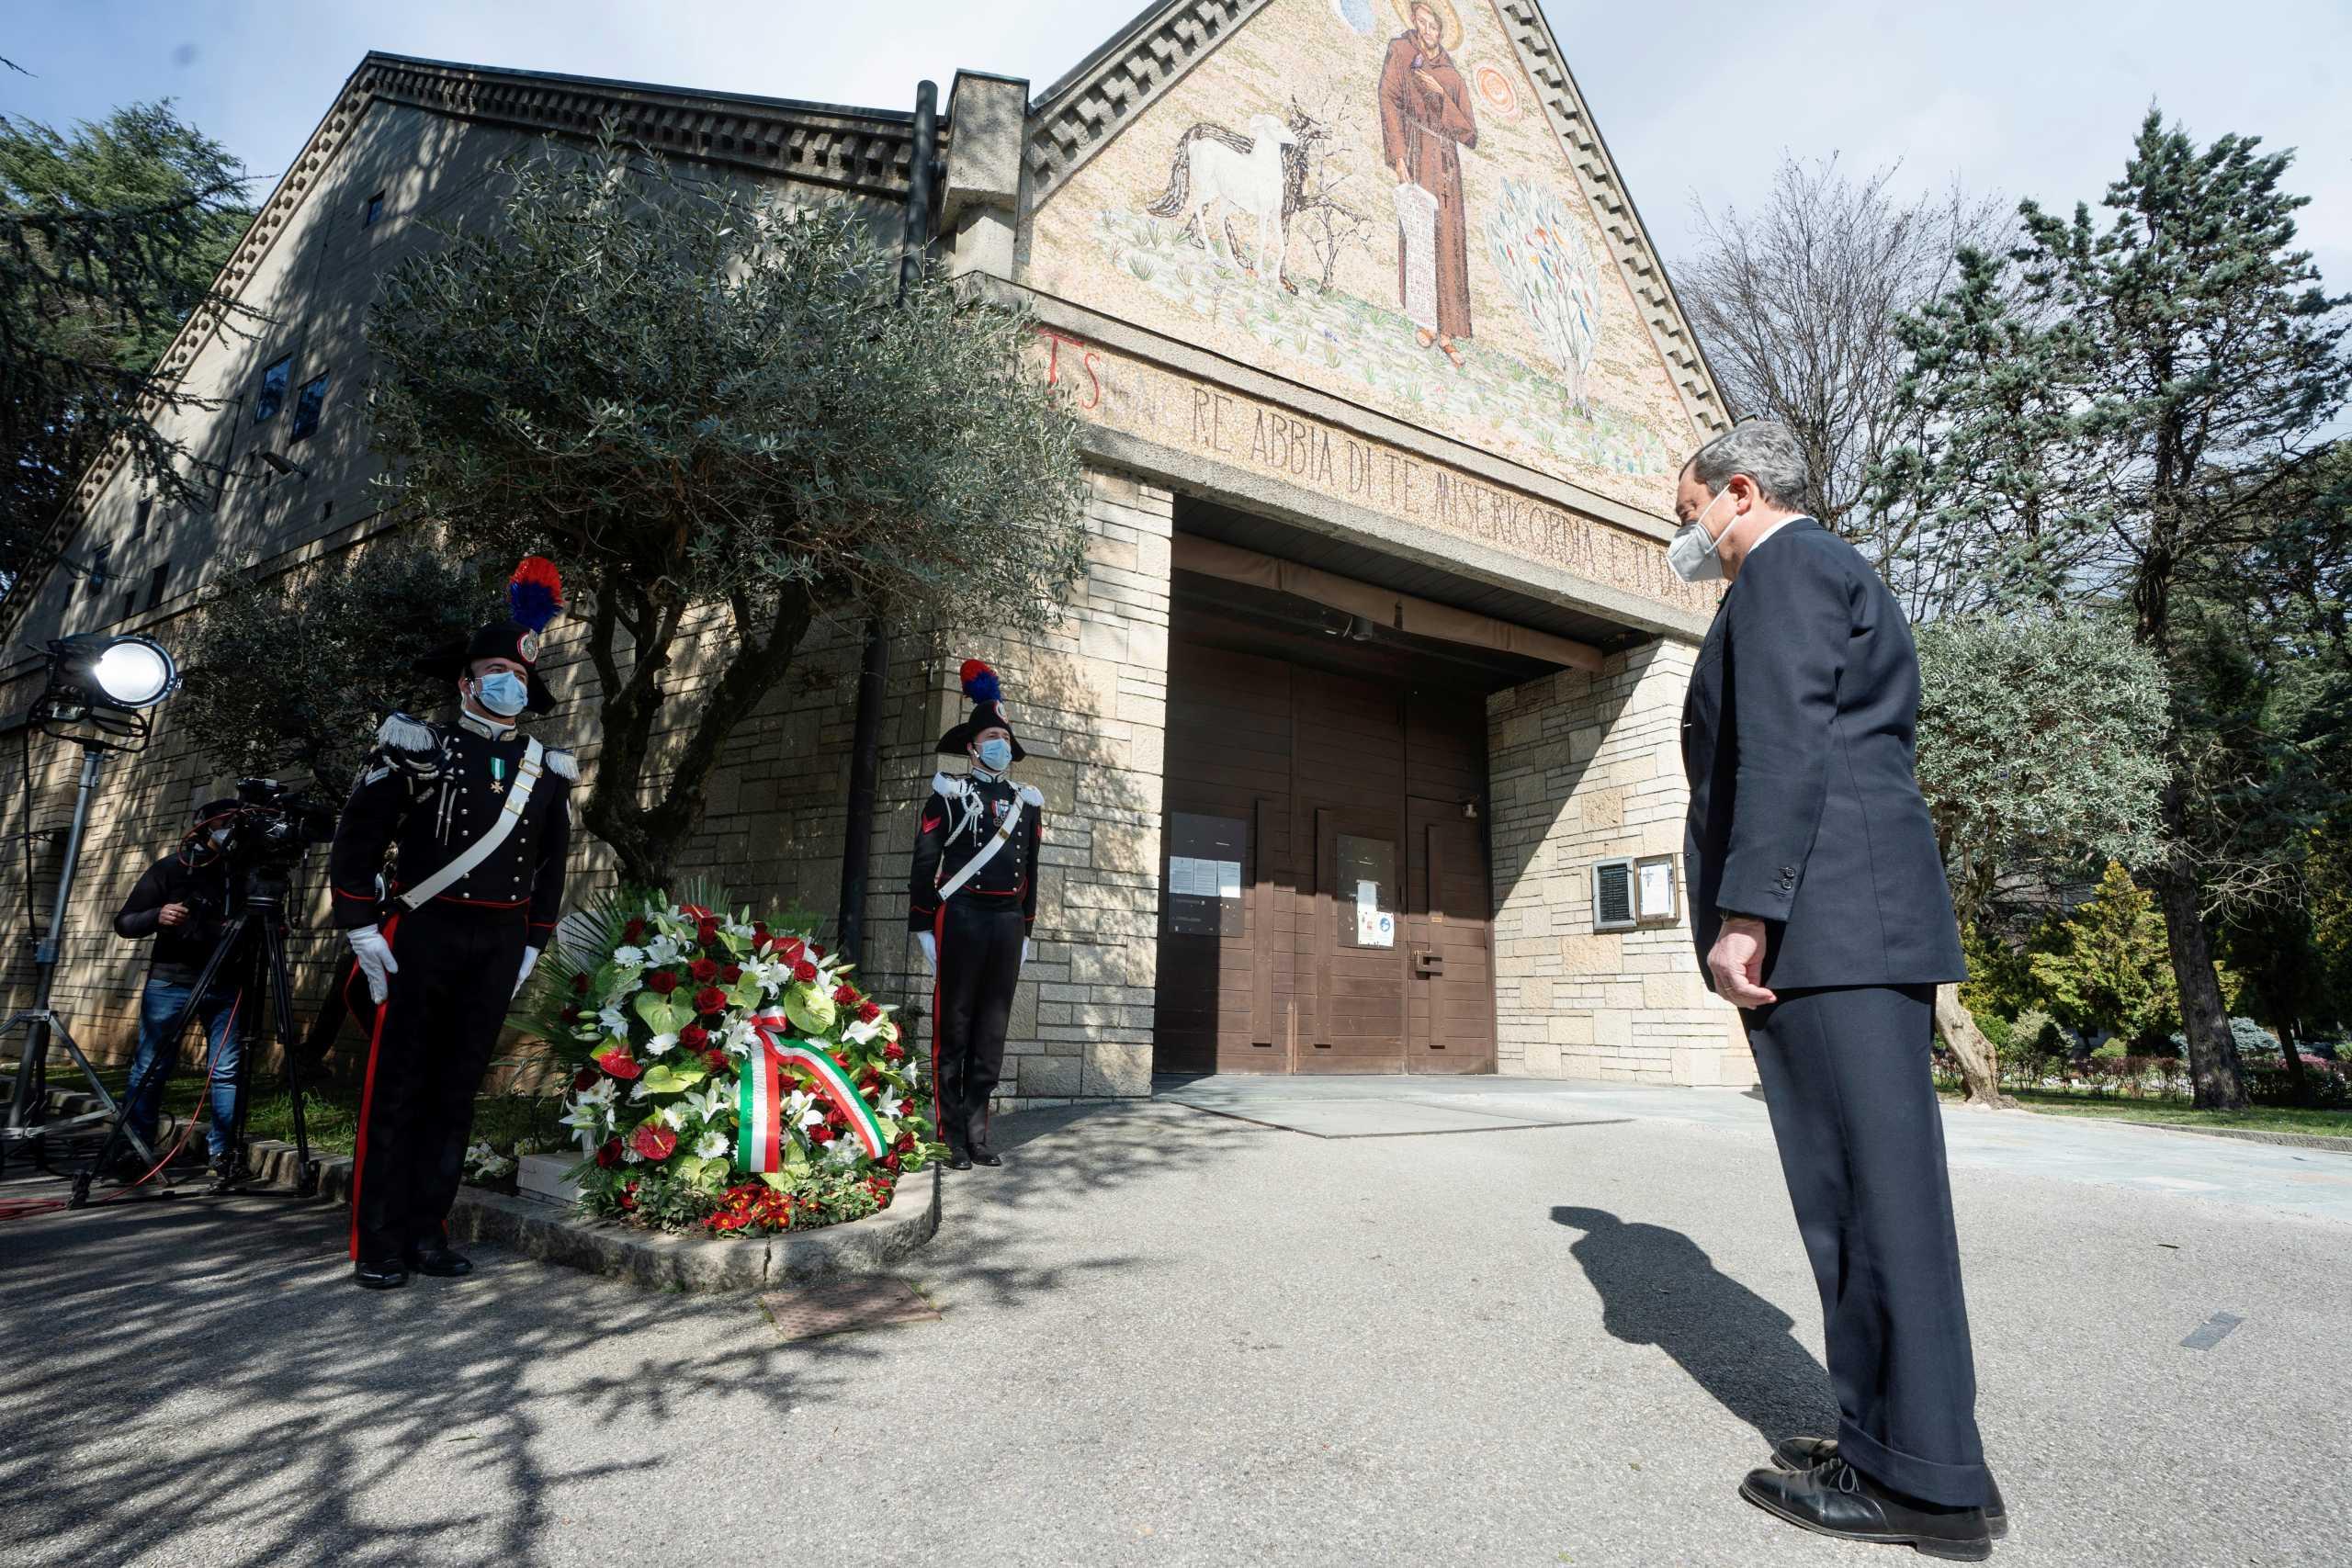 Μνημείο για τα θύματα του κορονοϊού στην Ιταλία – Στο Μπέργκαμο ο Μάριο Ντράγκι (pics, vid)